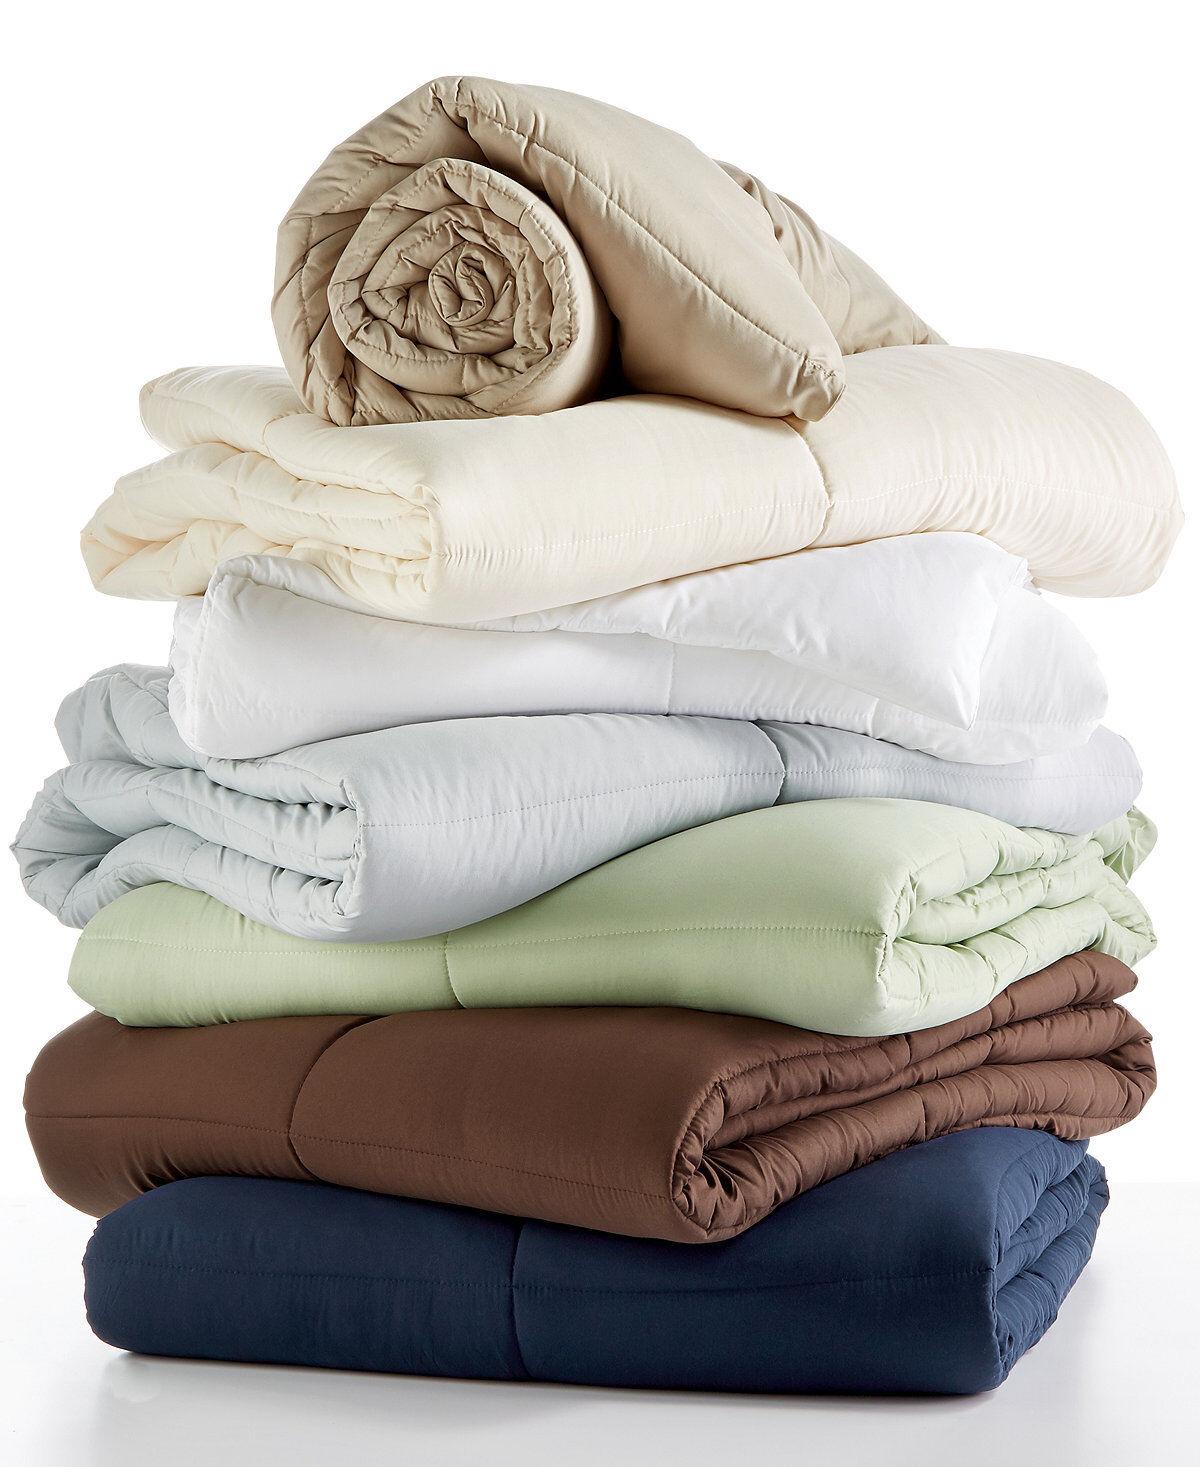 bluee Ridge Royal Luxe Down Alternative FULL QUEEN Comforter White G1061